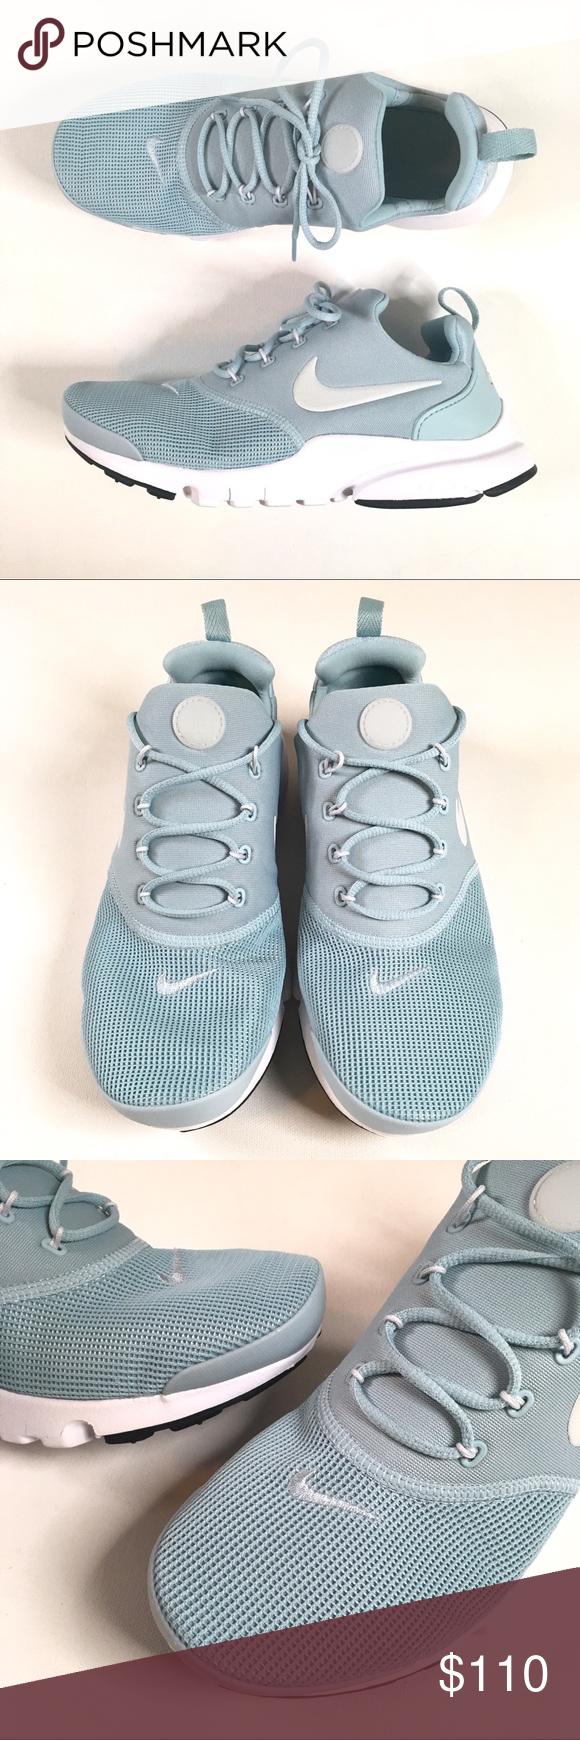 new style b11fc 2fe82 Nike Women's Presto Fly Blue Sneakers Nike Presto Fly ...